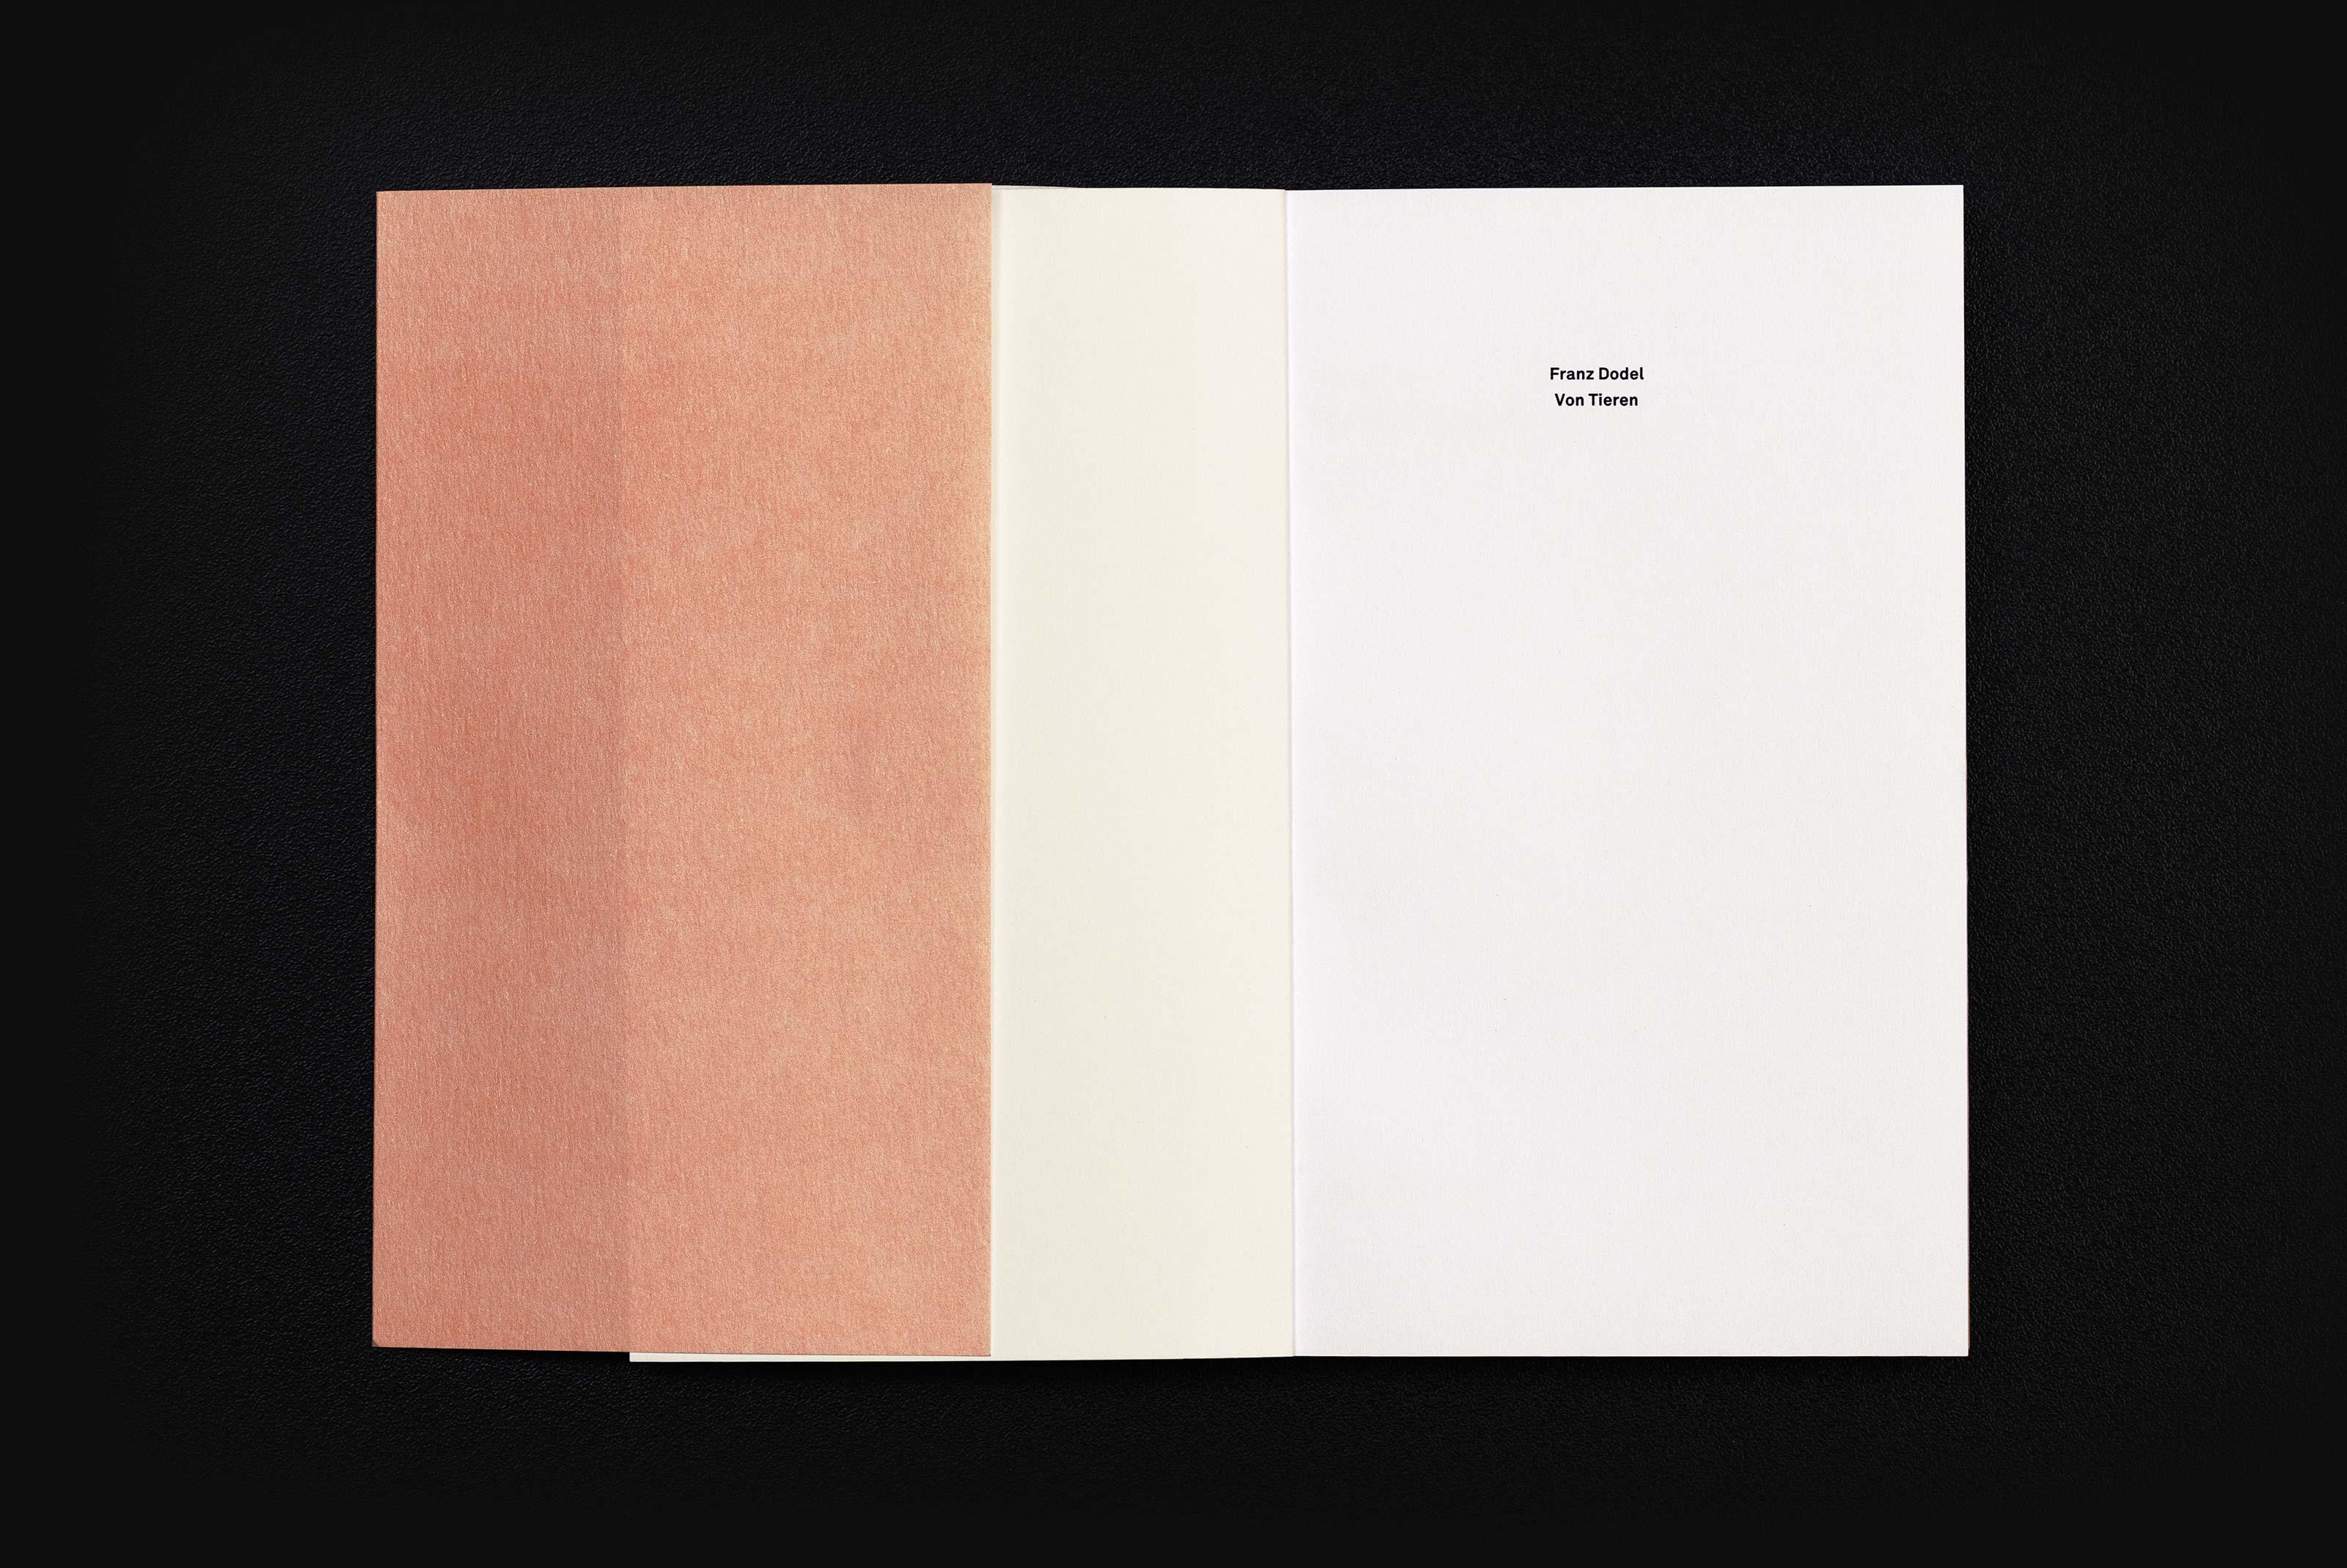 Frand Dodel – Von Tieren, title ©Atelier Pol × Barbara Hess